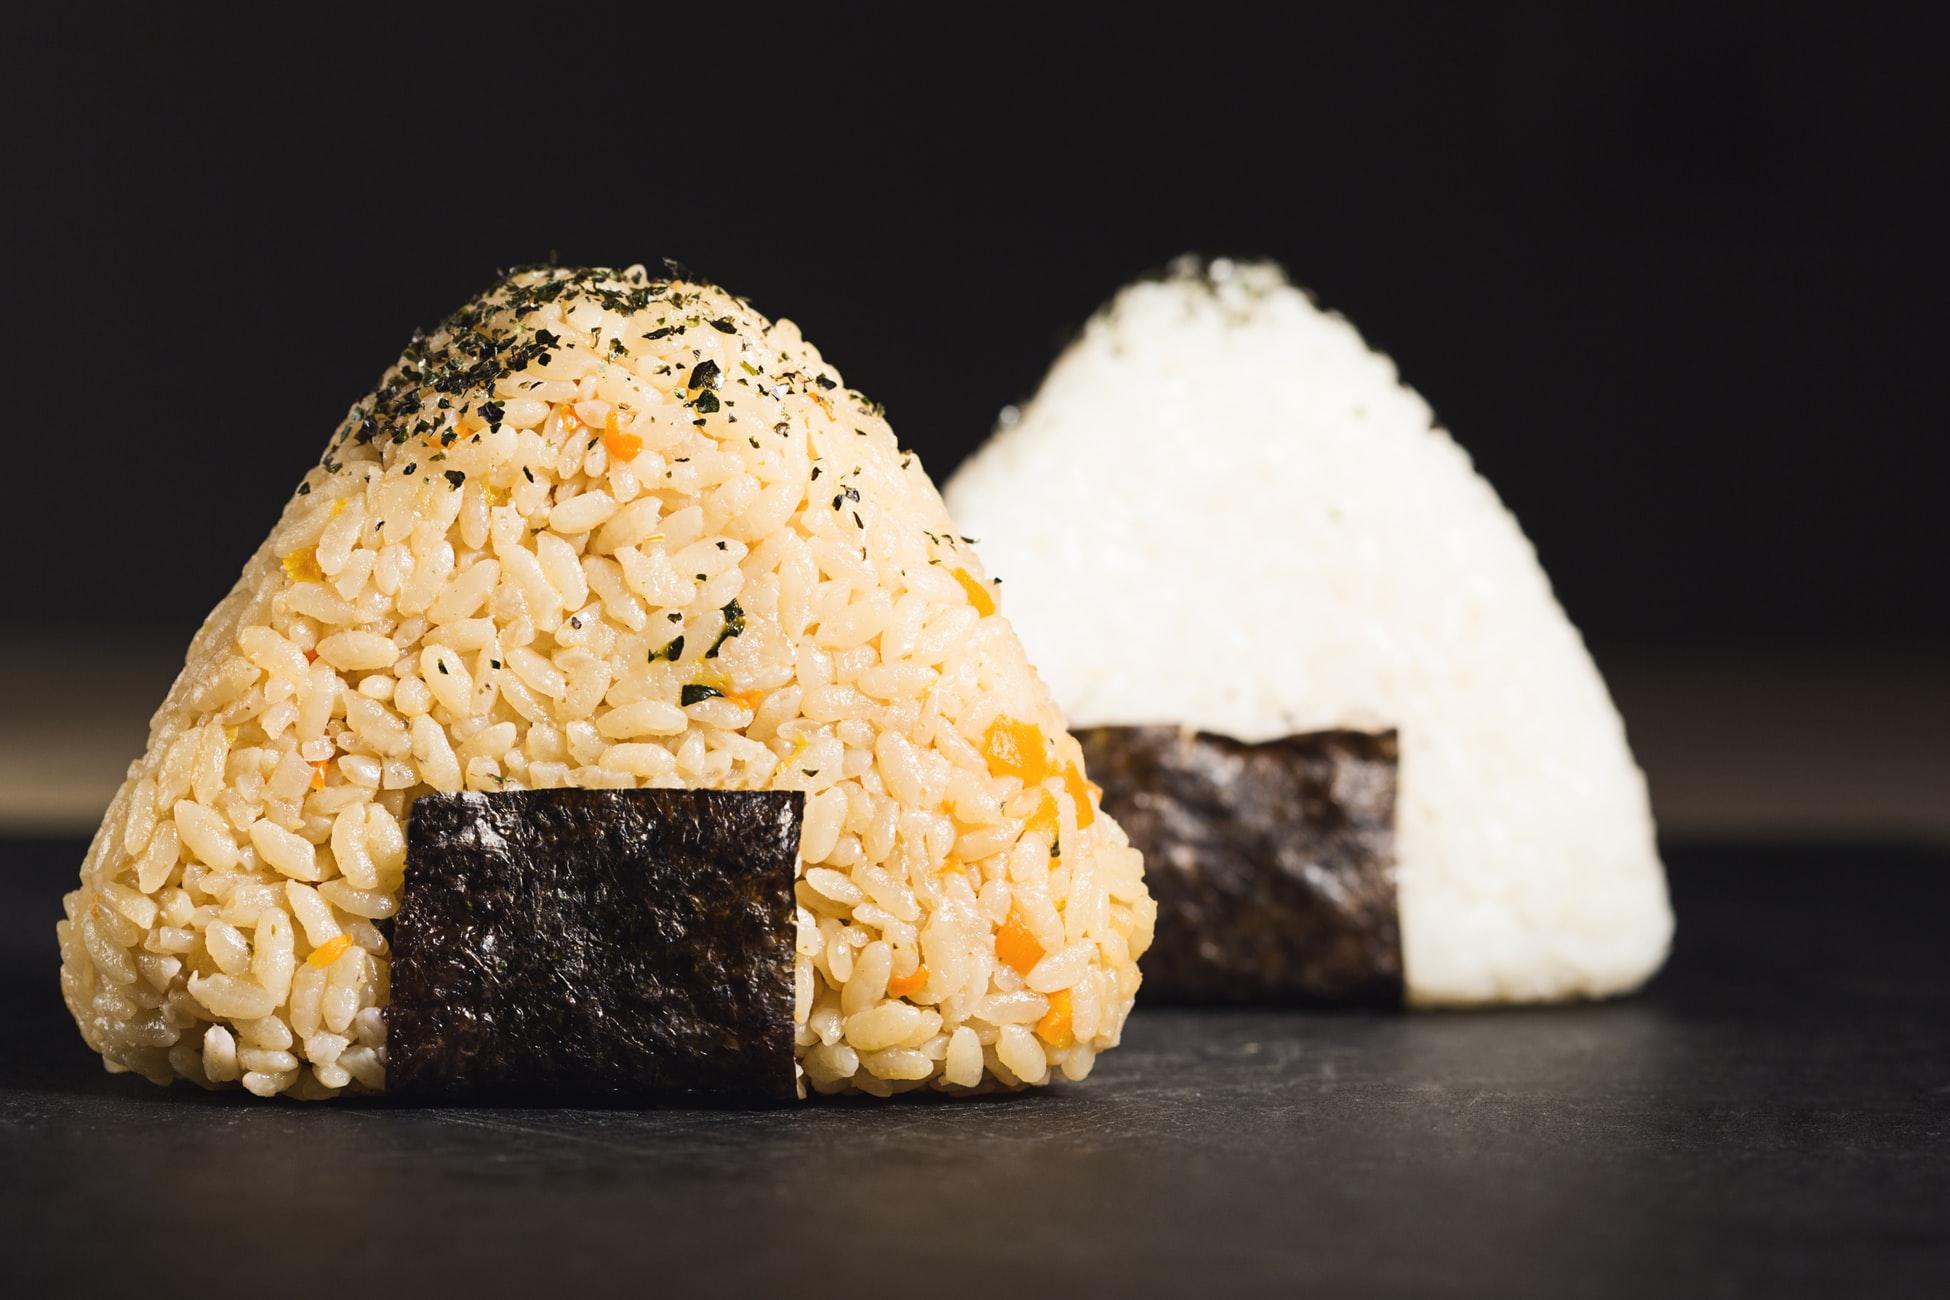 炭水化物禁止してる人飯は何食うの?